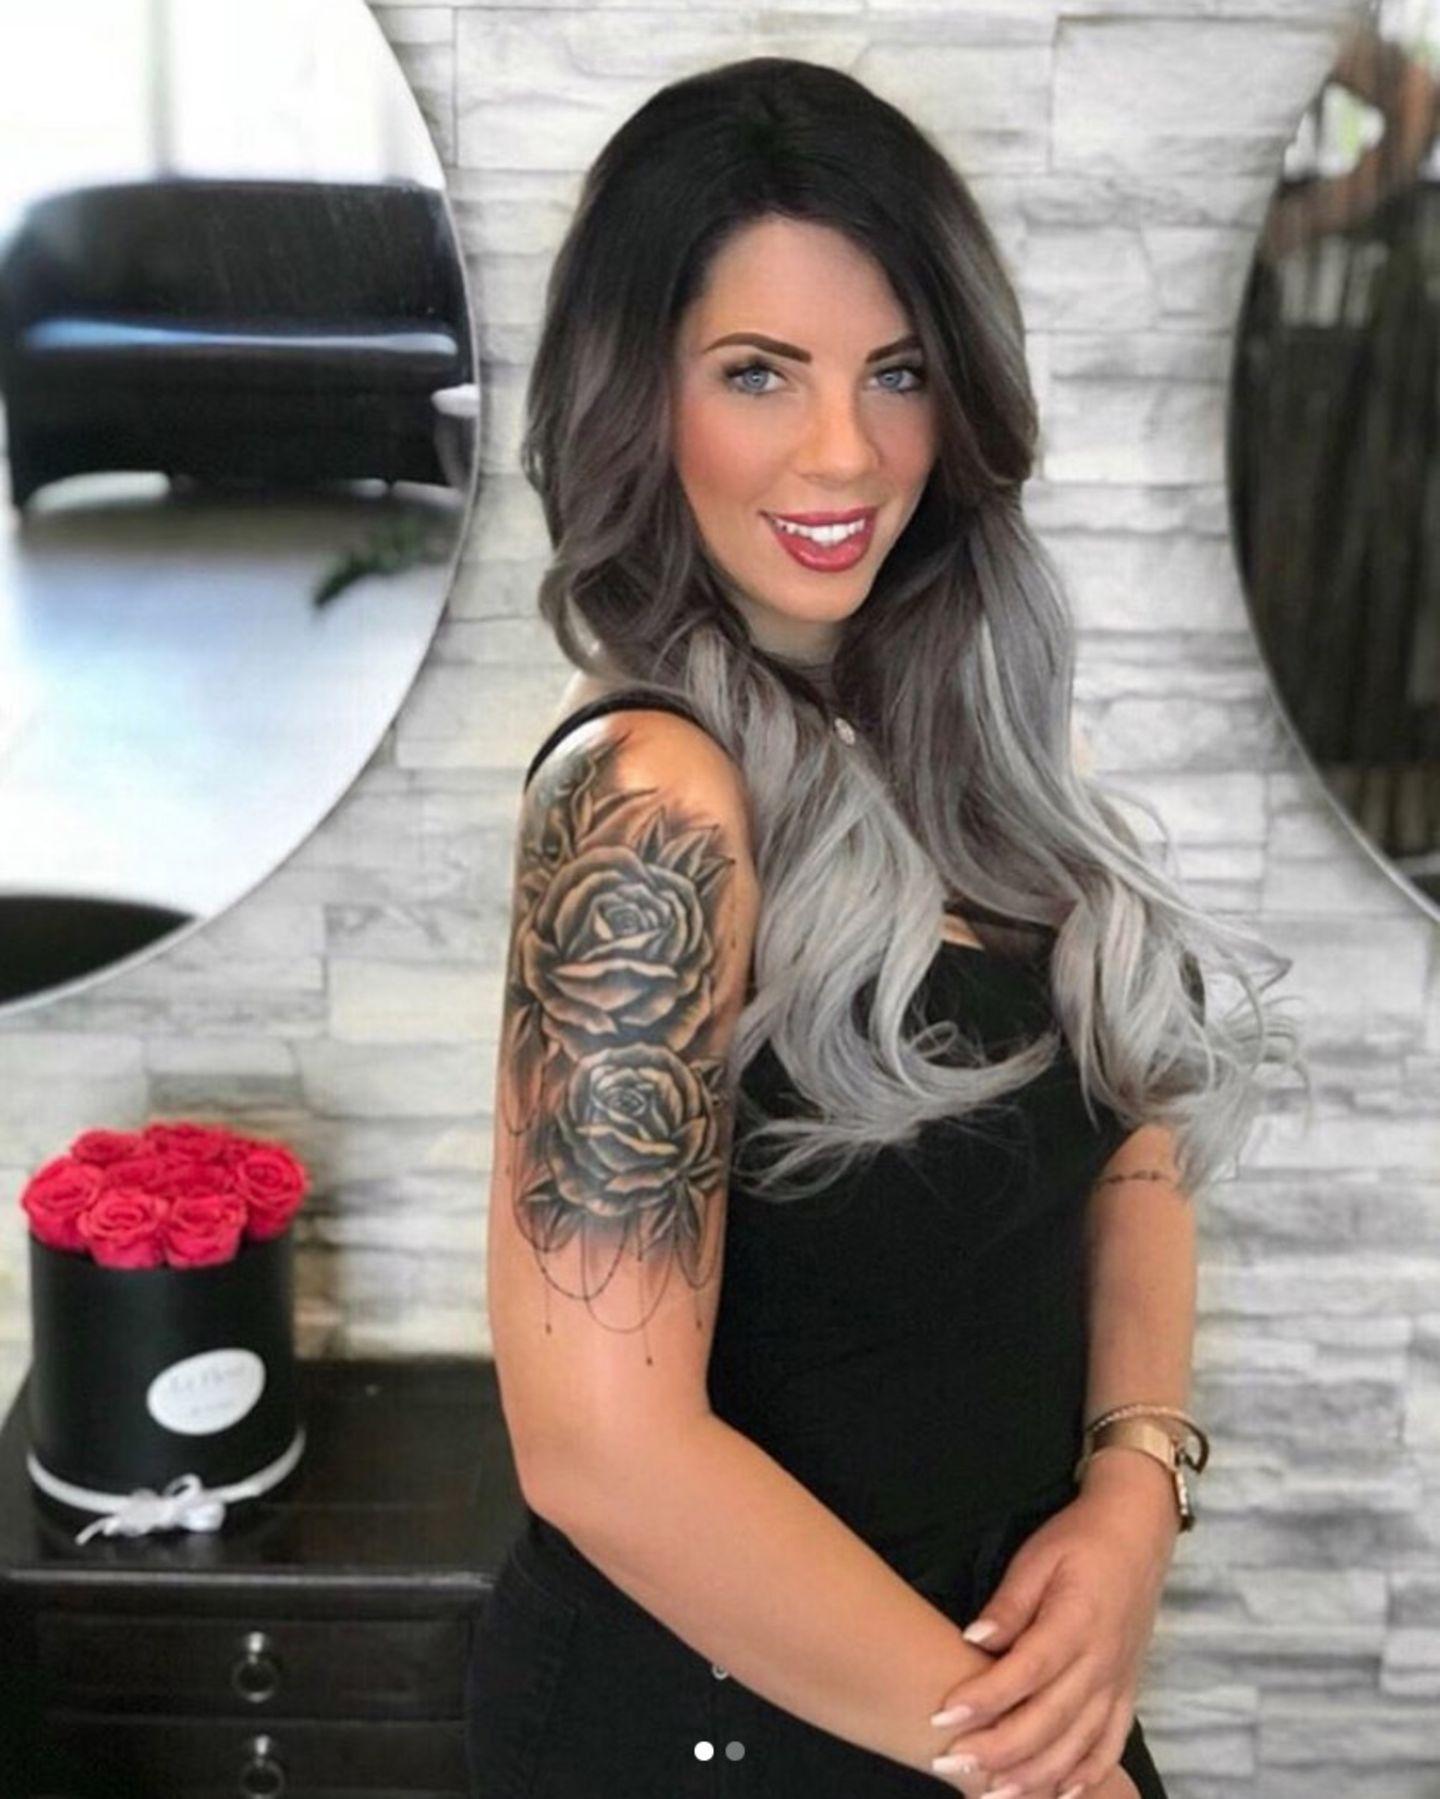 """""""Mein Körper ist mein Tagebuch und meine Tattoos meine Geschichte"""", schreibt Jenny Frankhauser auf Englisch zu diesem Foto von ihren neuen Tattoos. Mehrere Rosen zieren jetzt den Oberarm der 25-Jährigen."""